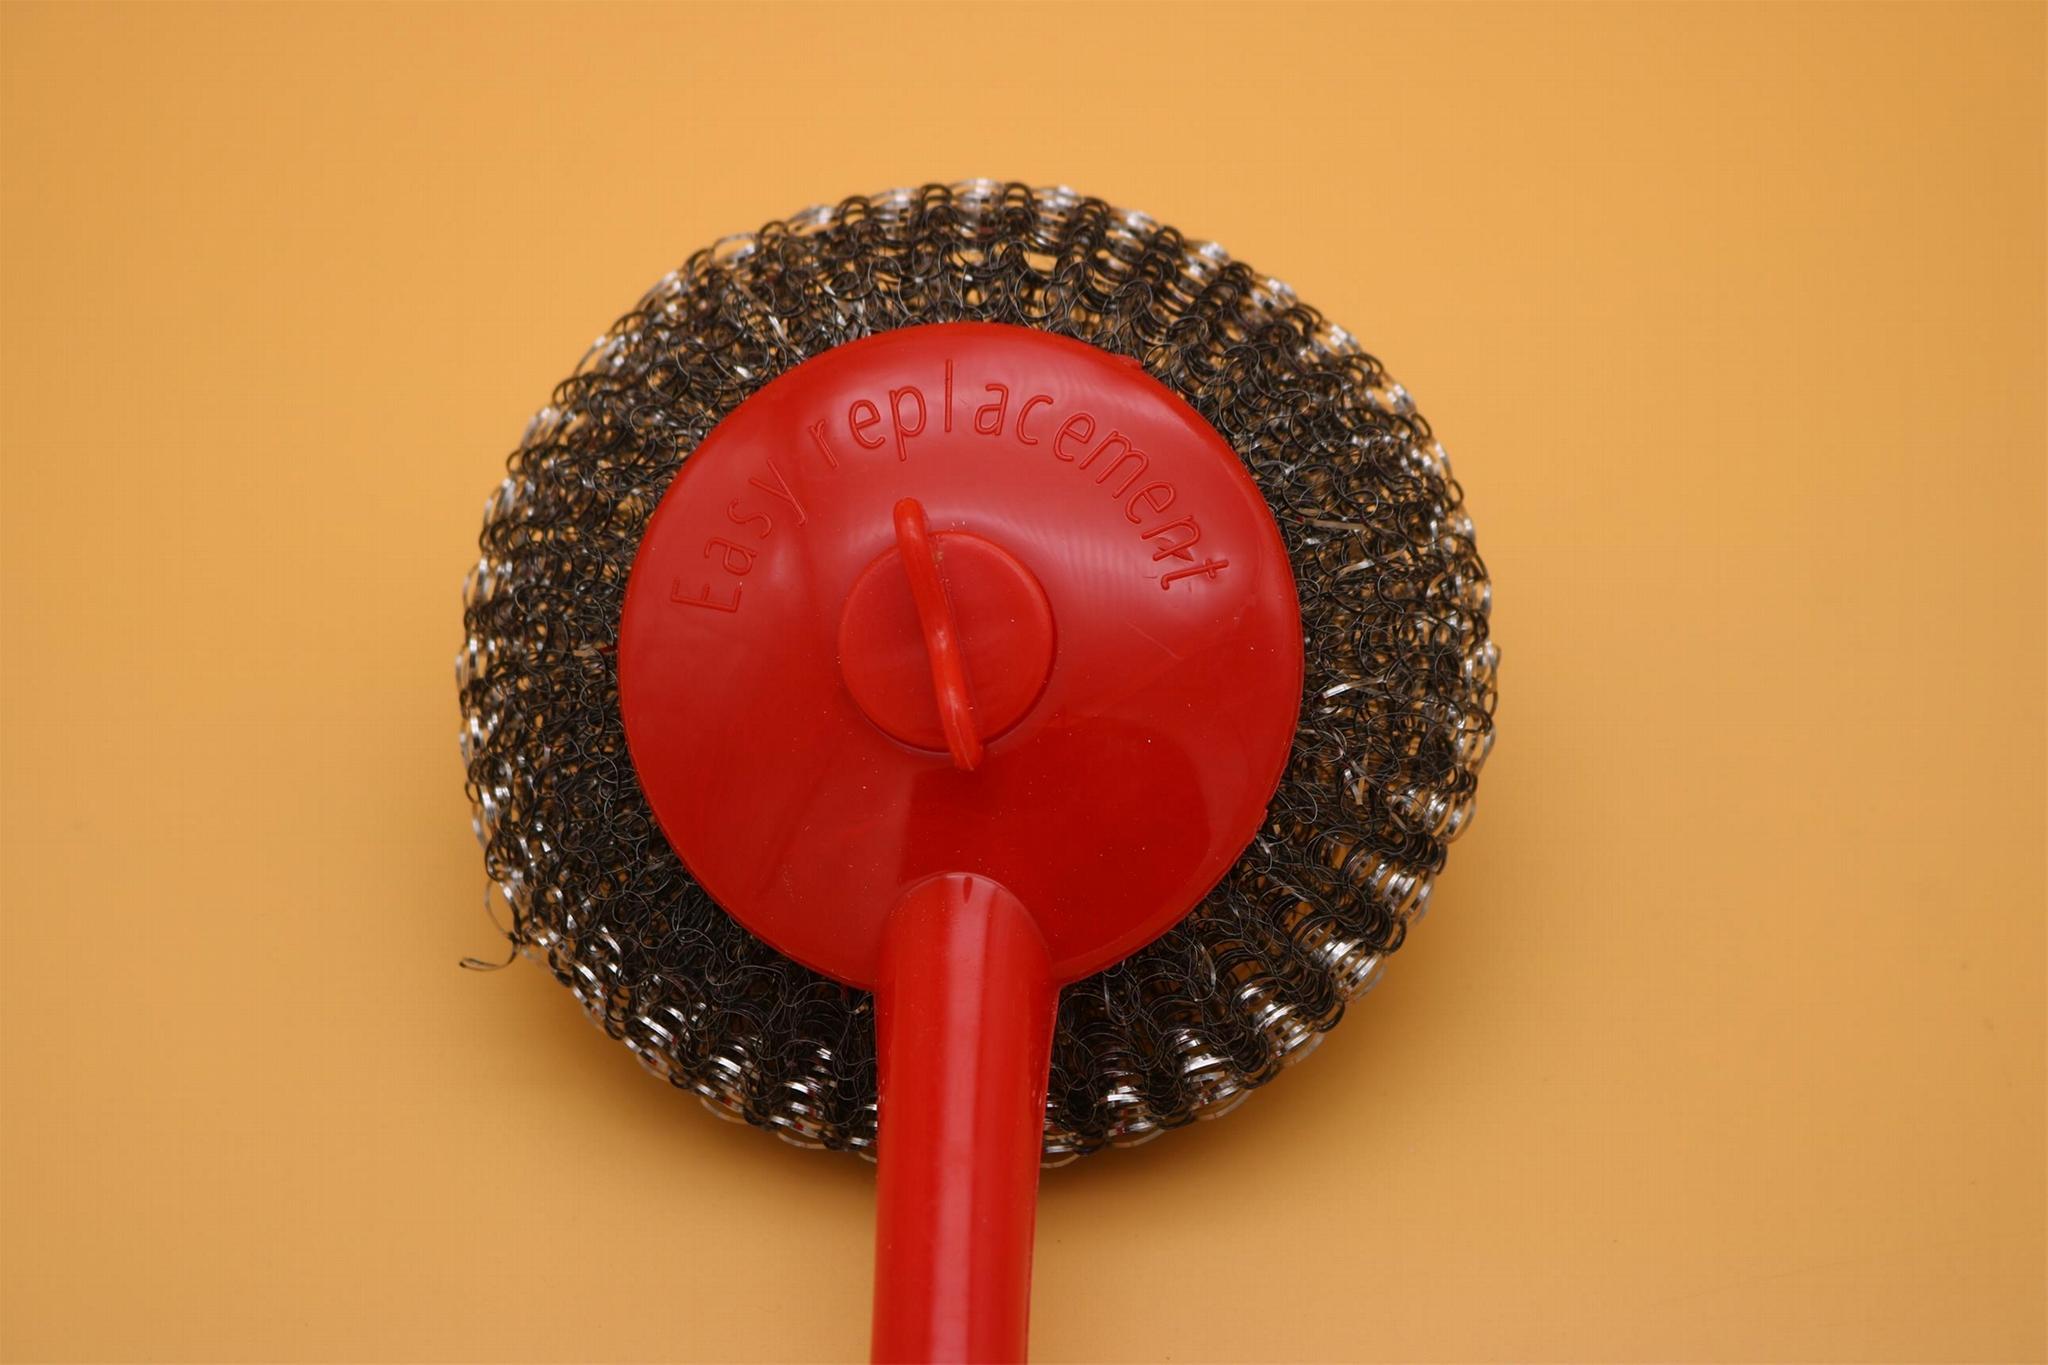 iron pan cleaning brush 4